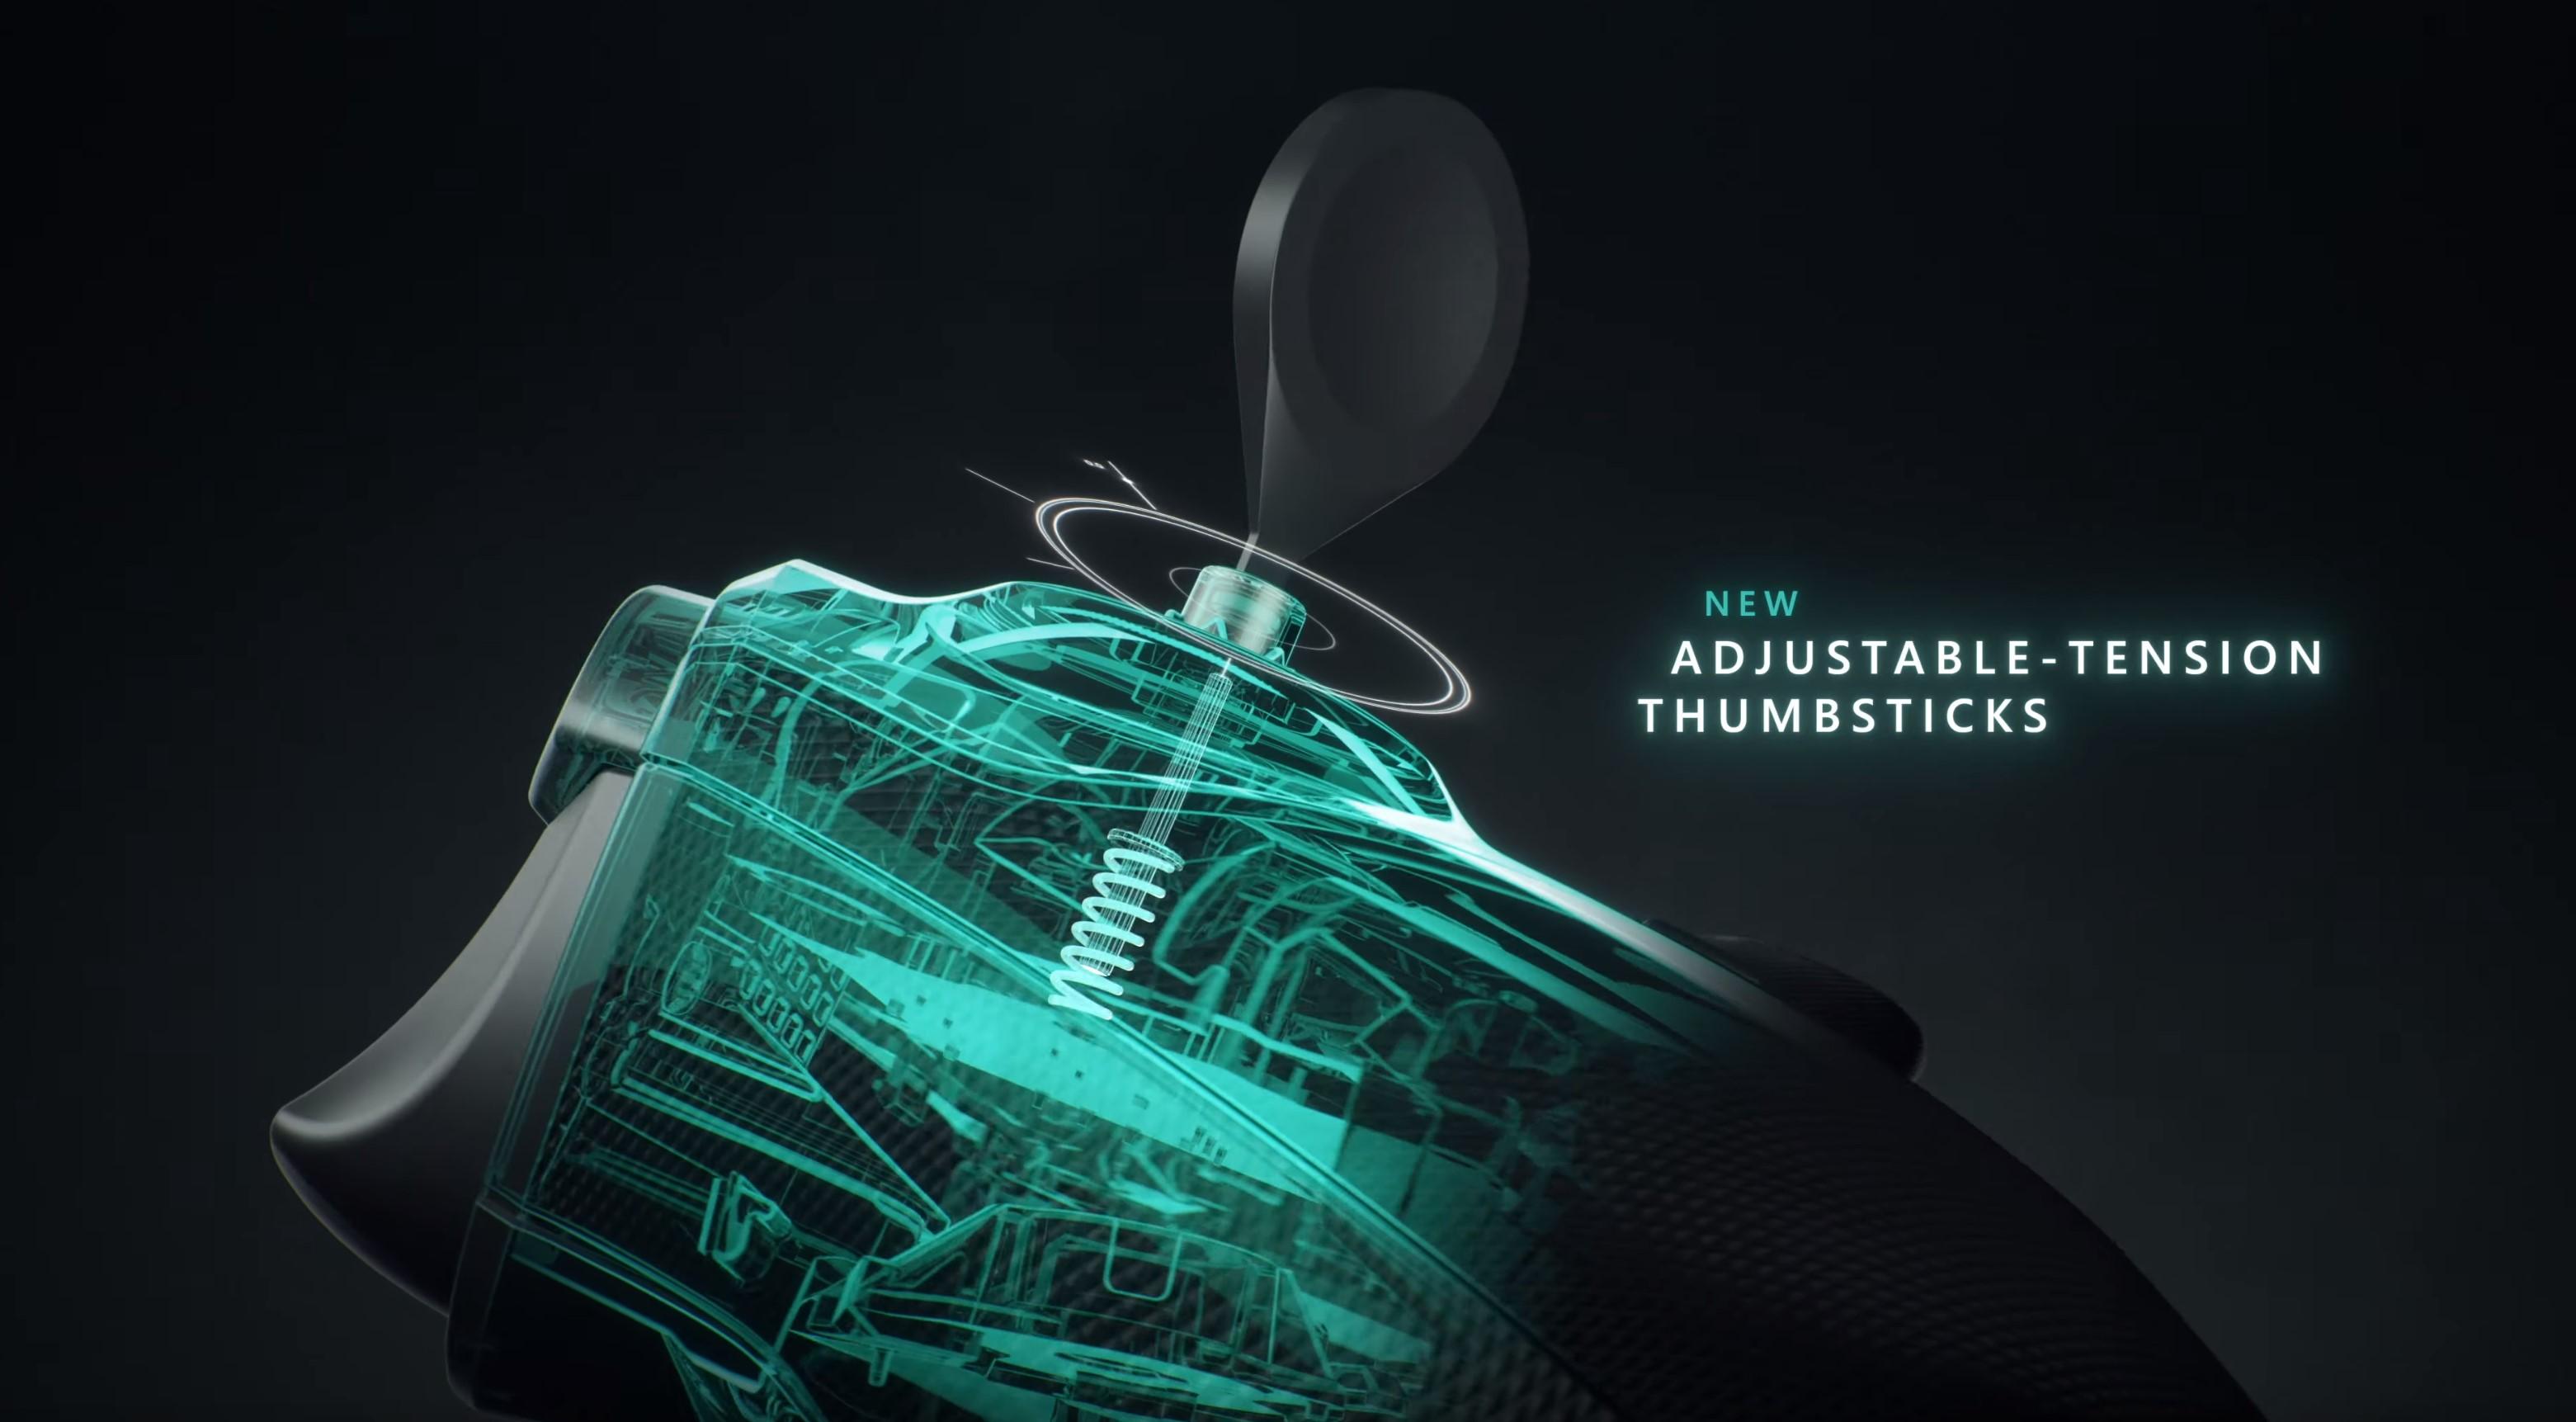 Xbox At E3 2019 Xbox Elite Wireless Controller Series 2